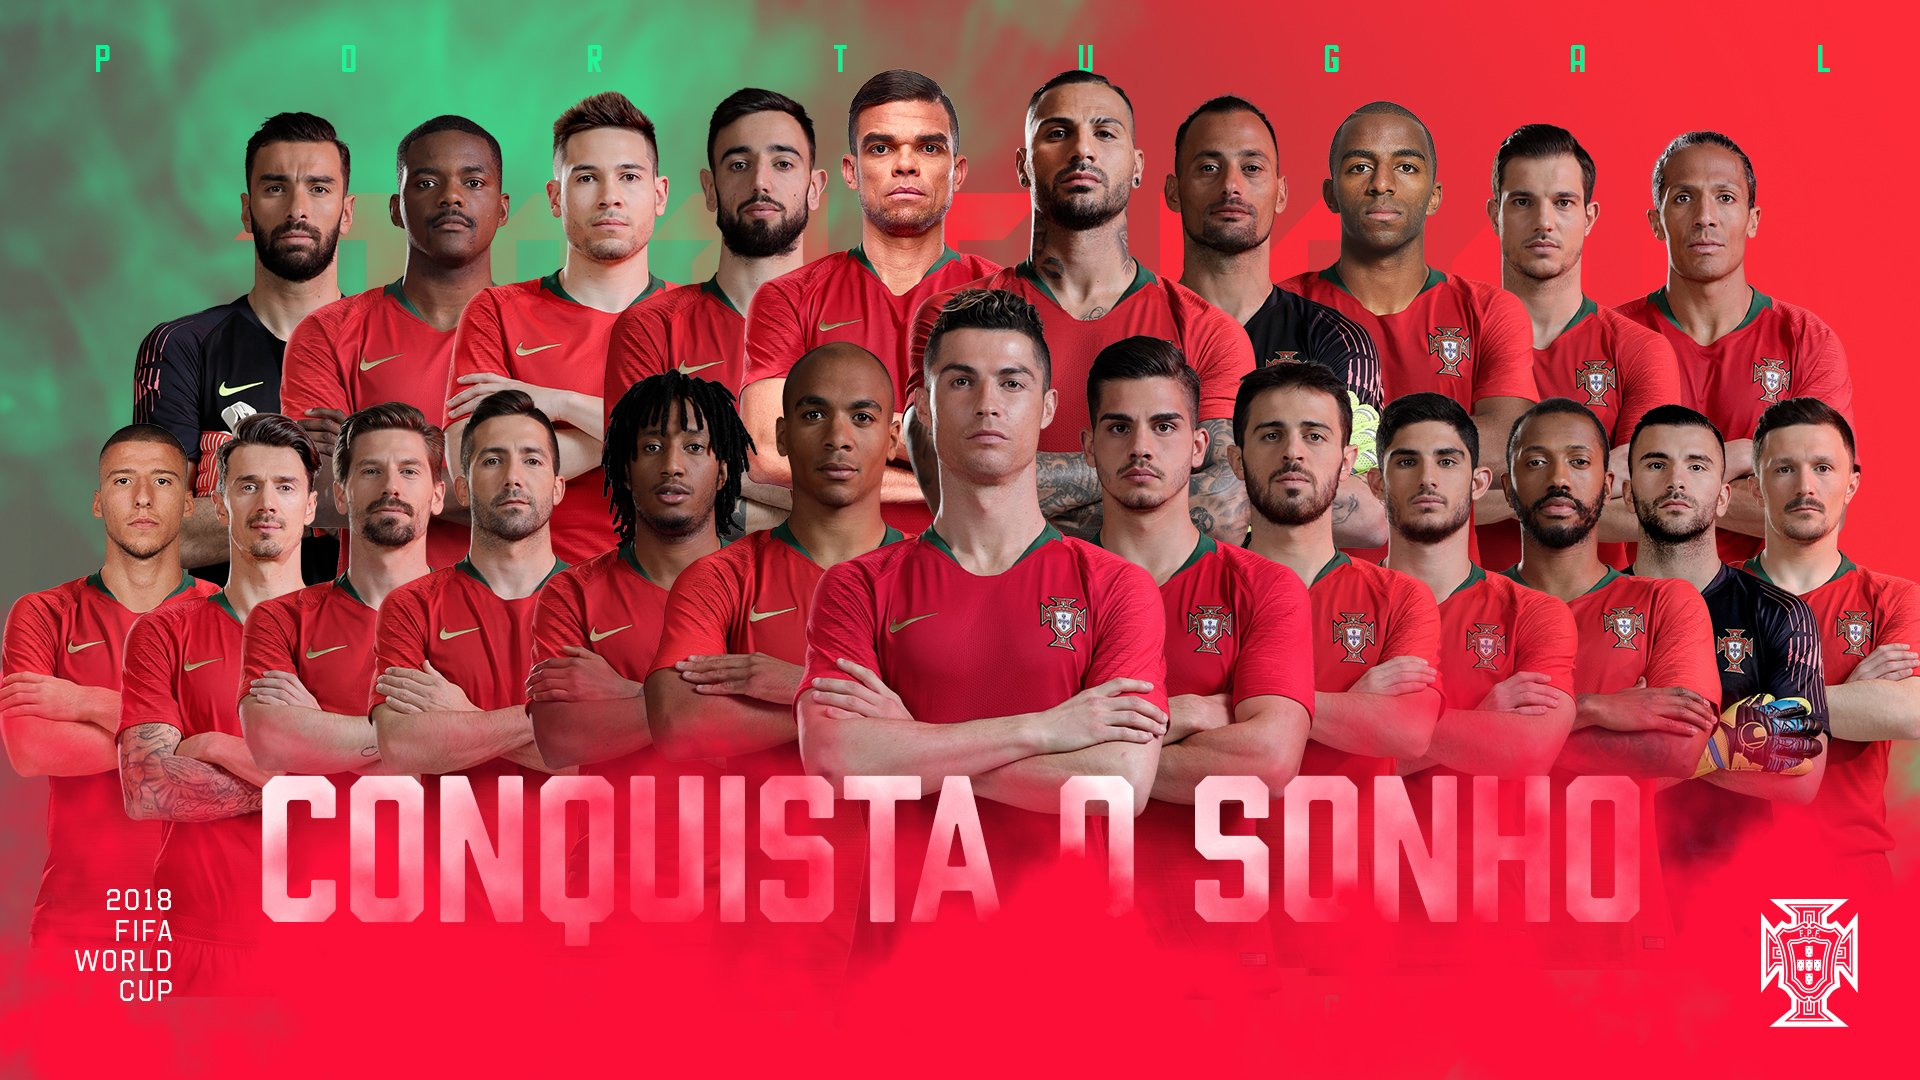 Chính thức: Ronaldo lĩnh xướng danh sách 23 cầu thủ Bồ Đào Nha sang Nga dự World Cup - Bóng Đá